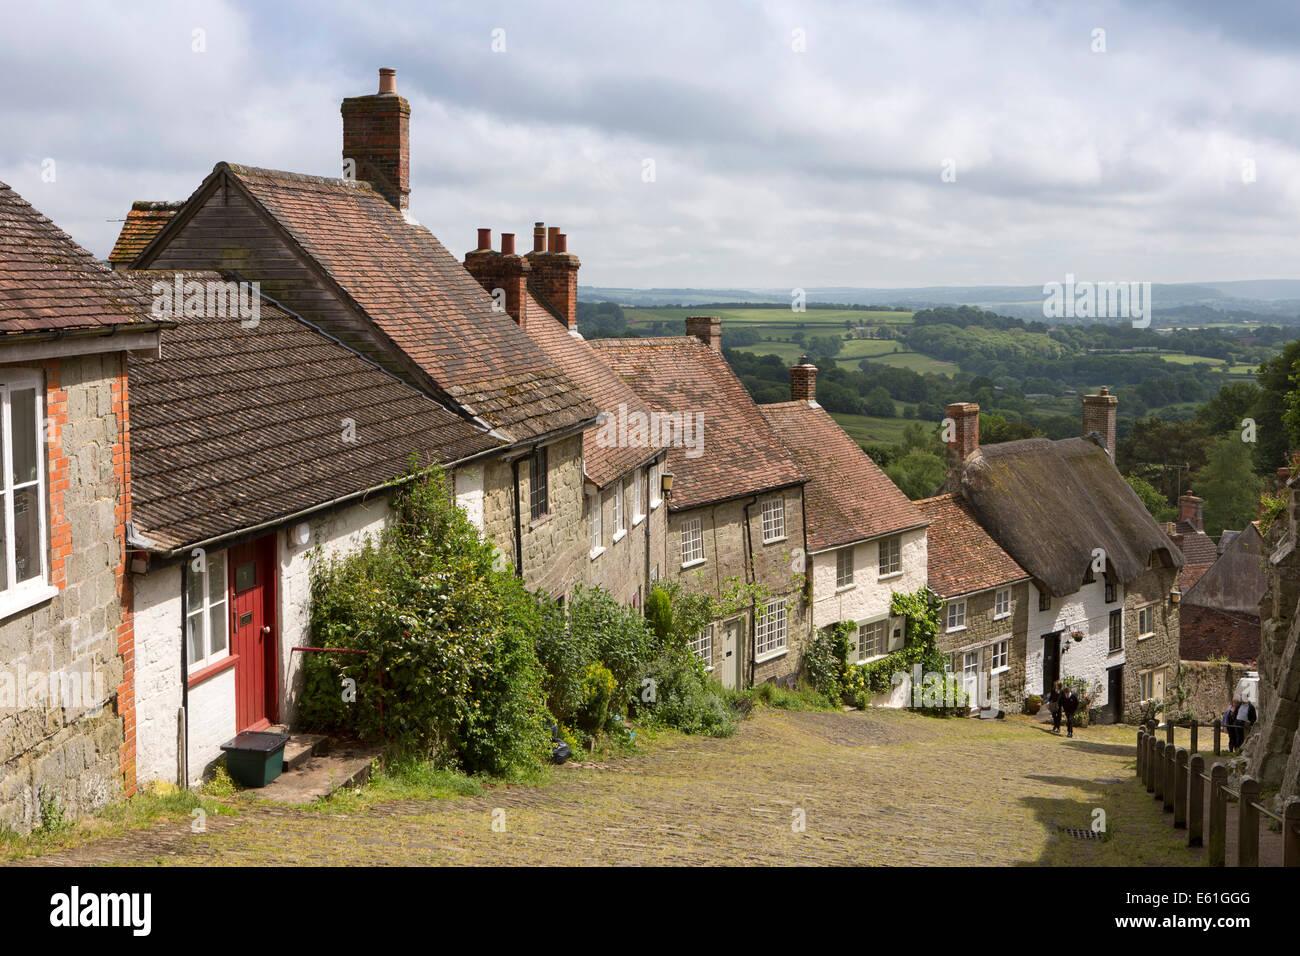 UK England, Dorset, Shaftesbury, Gold Hill - Stock Image